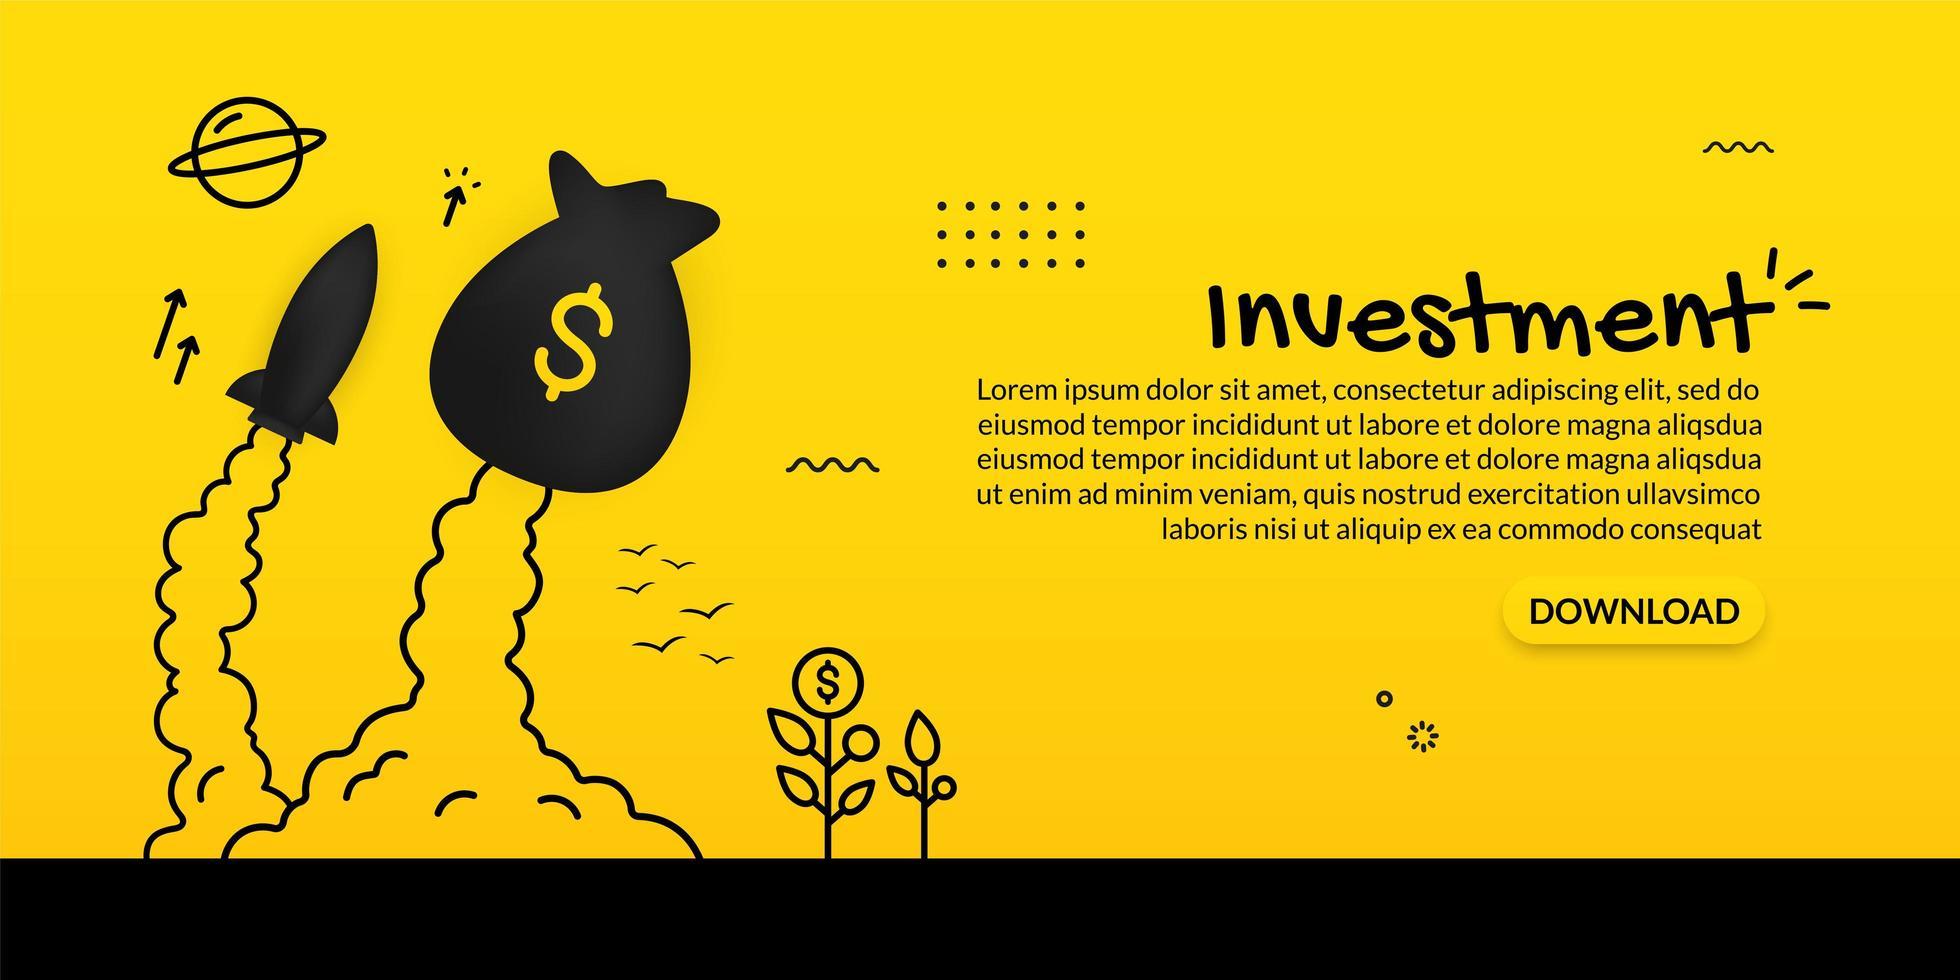 lançamento de saco de dinheiro e nave espacial em amarelo vetor